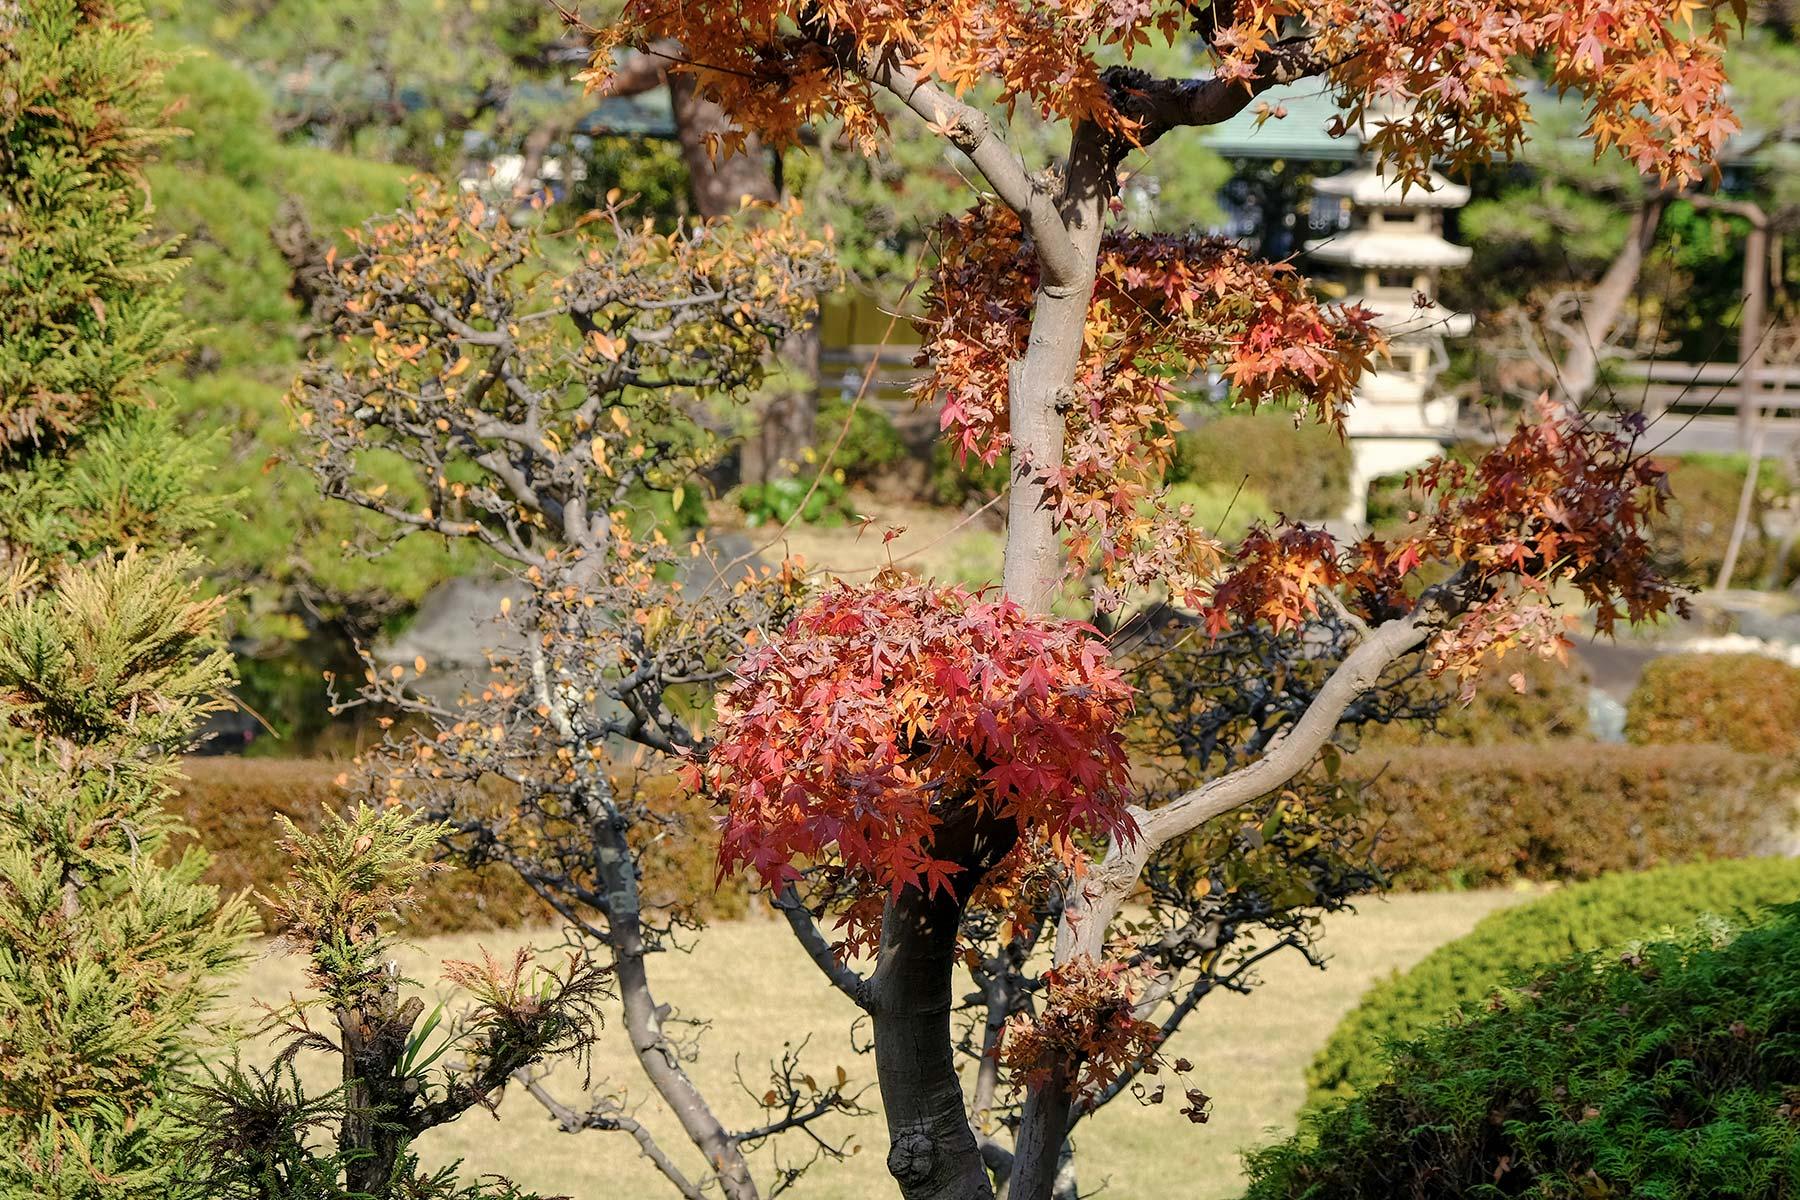 Herbstlaub im Garten des Shibamata Taishakuten